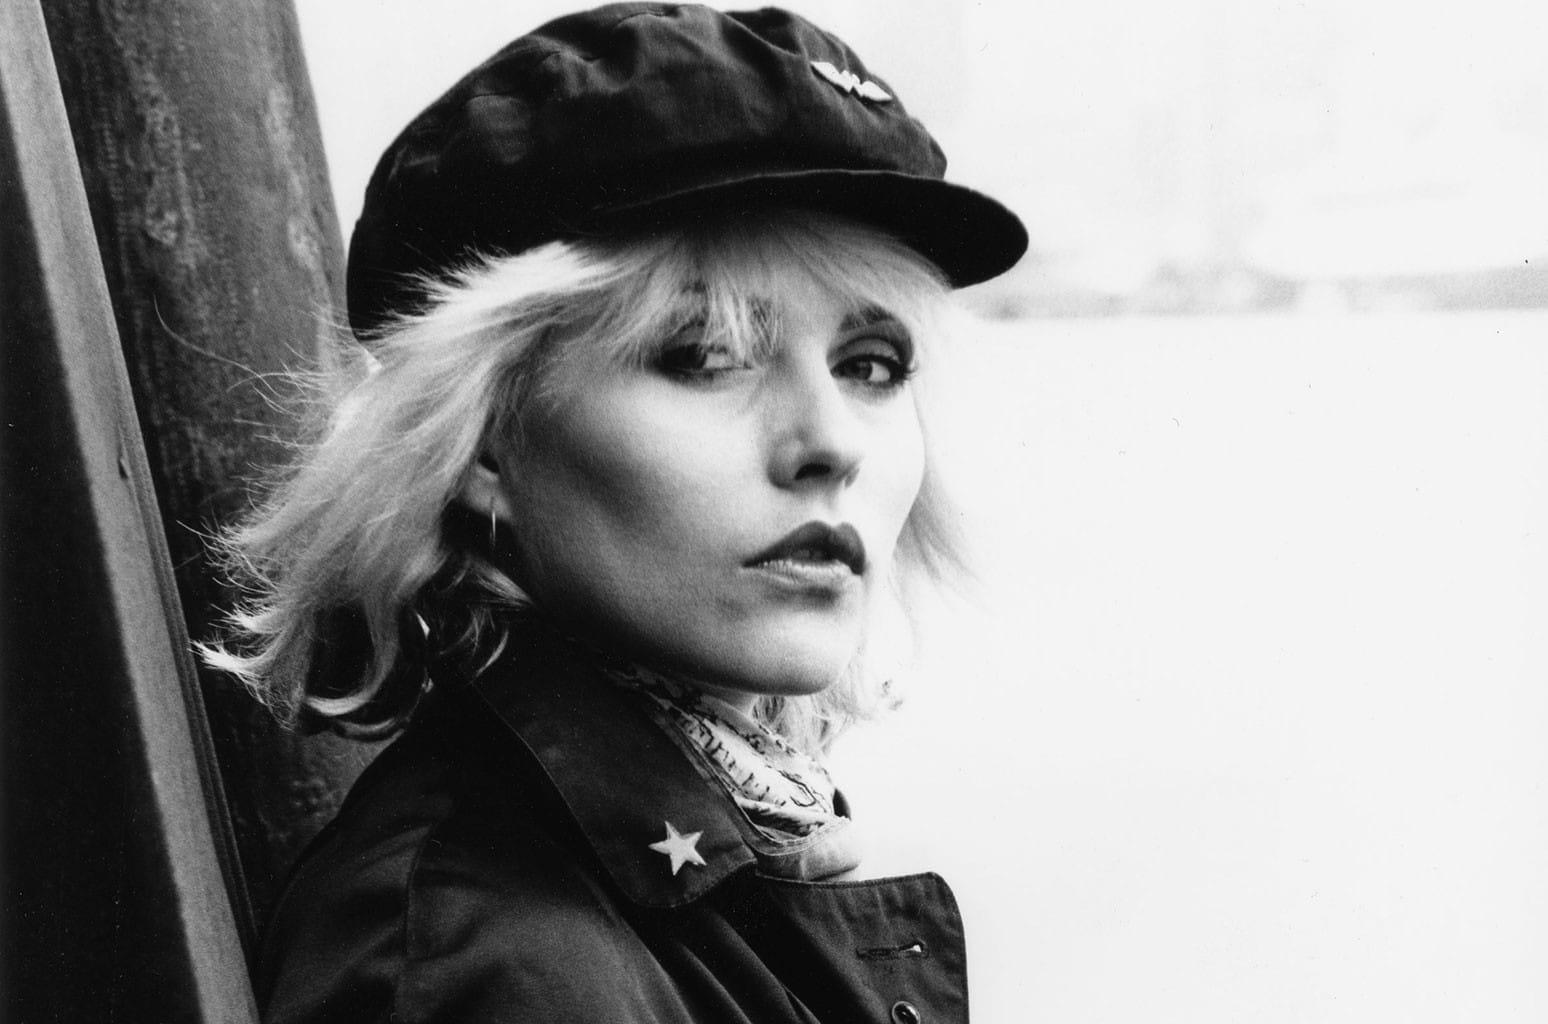 Debbie-Harry-blondie-bw-portrait-a-billboard-1548-1592859914-compressed